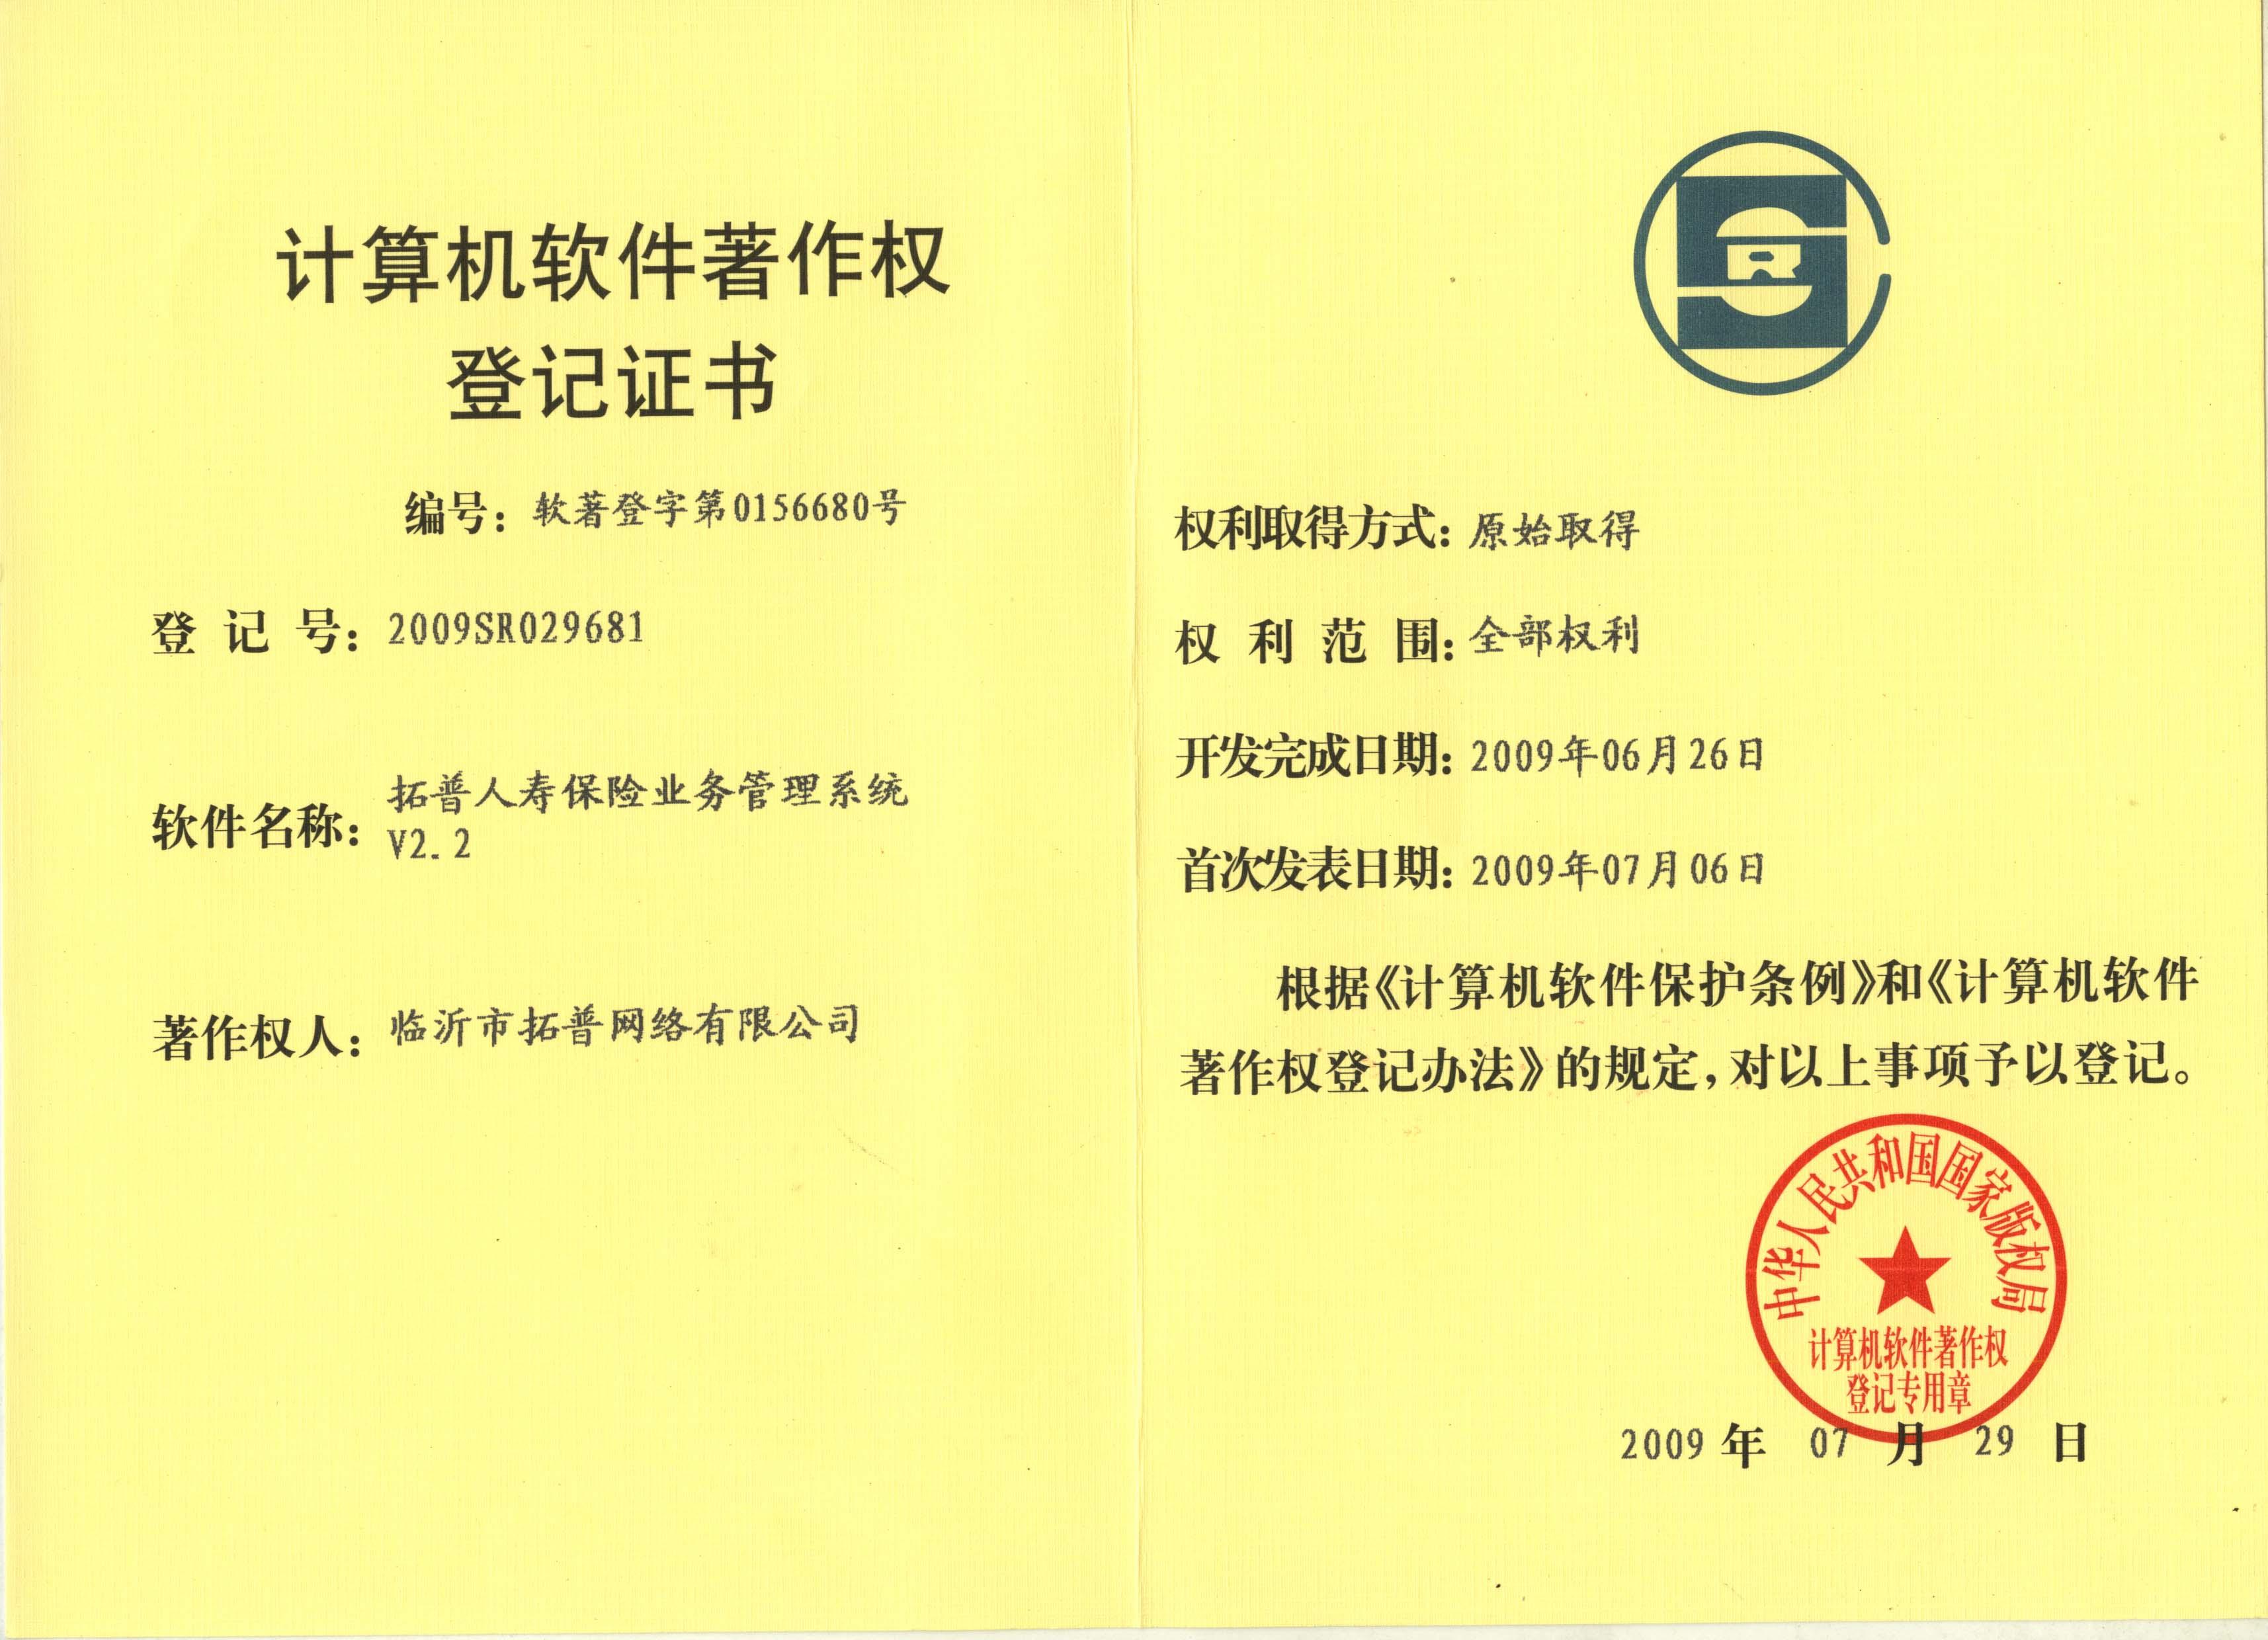 主题:《拓普人寿保险业务管理系统》 日期:2010-12-06